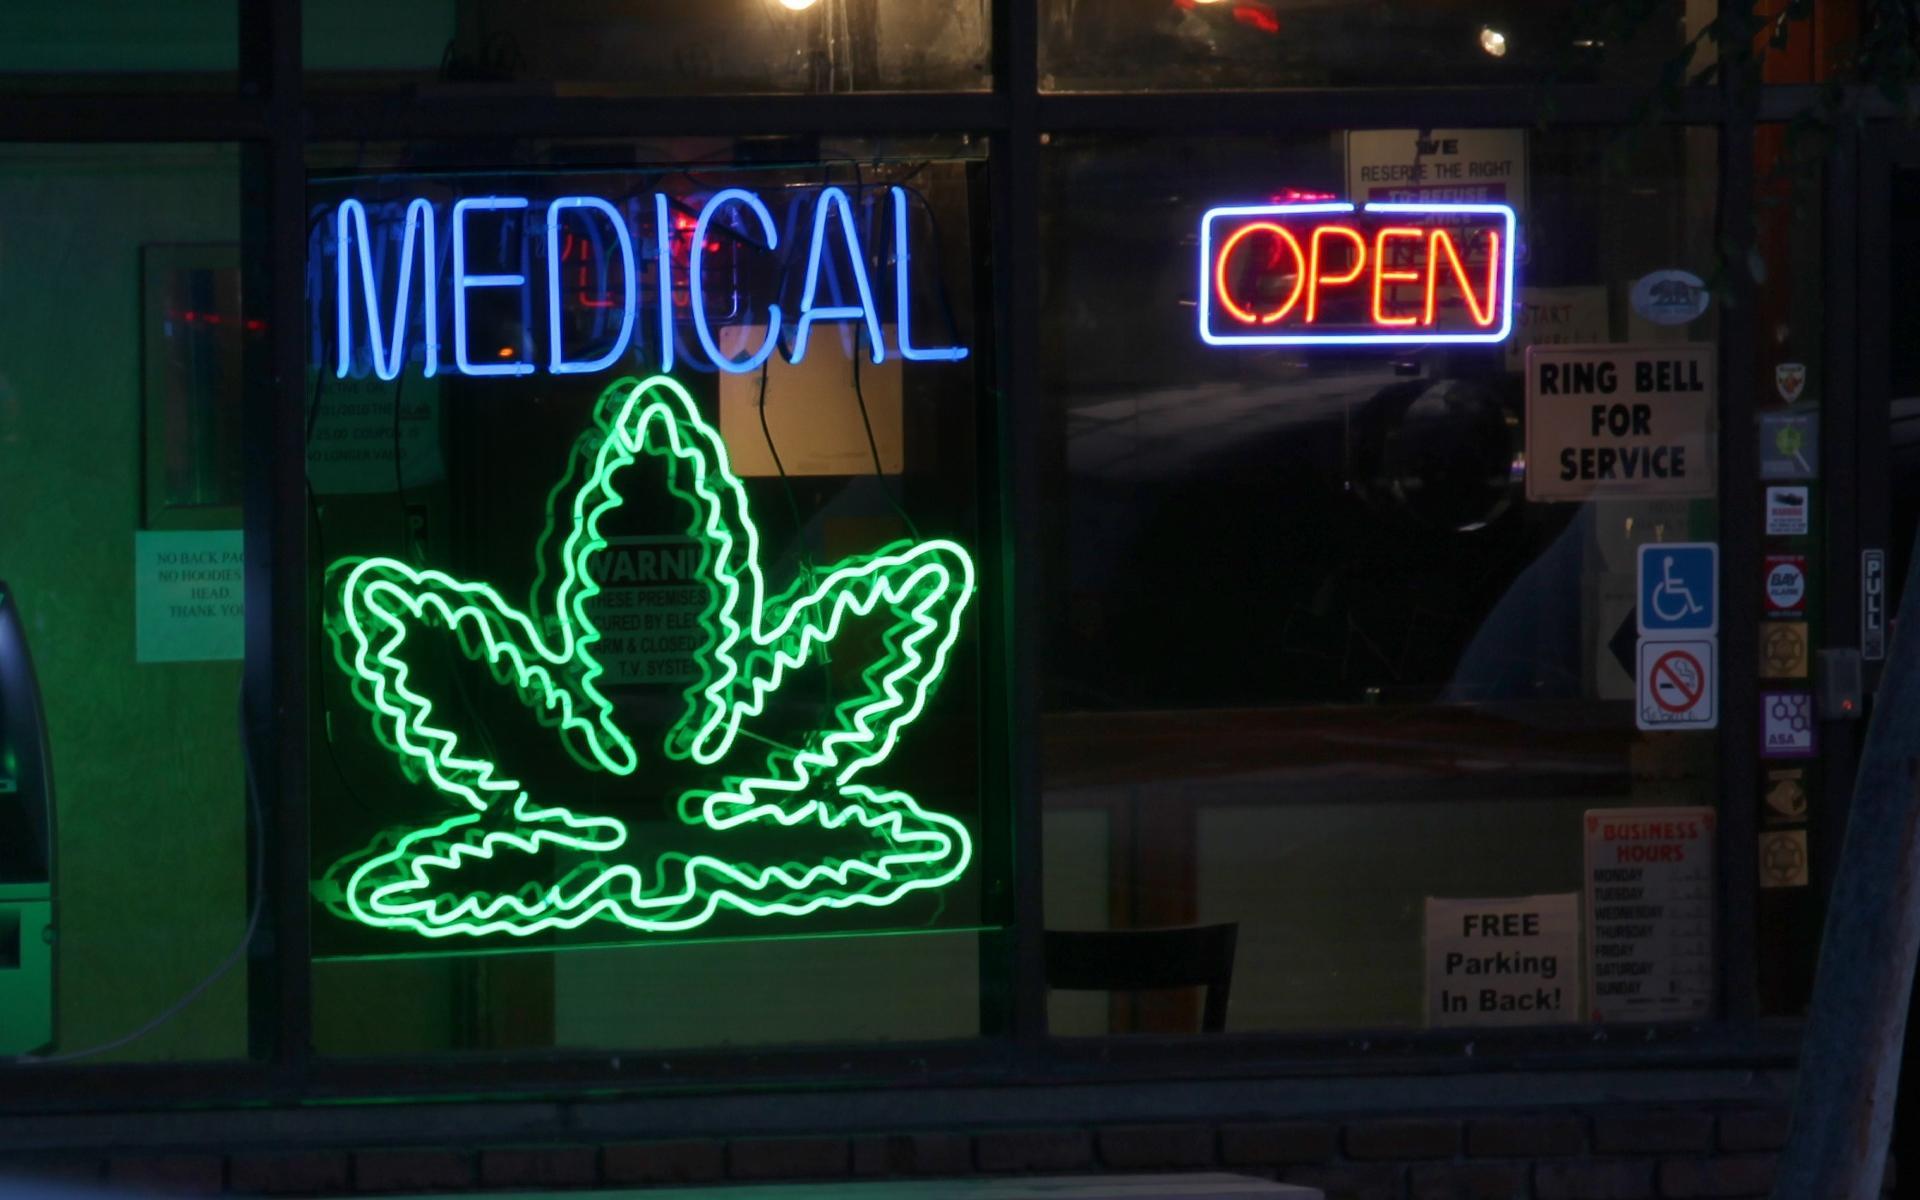 Медицинское применение марихуаны снизило потребление рецептурных лекарств